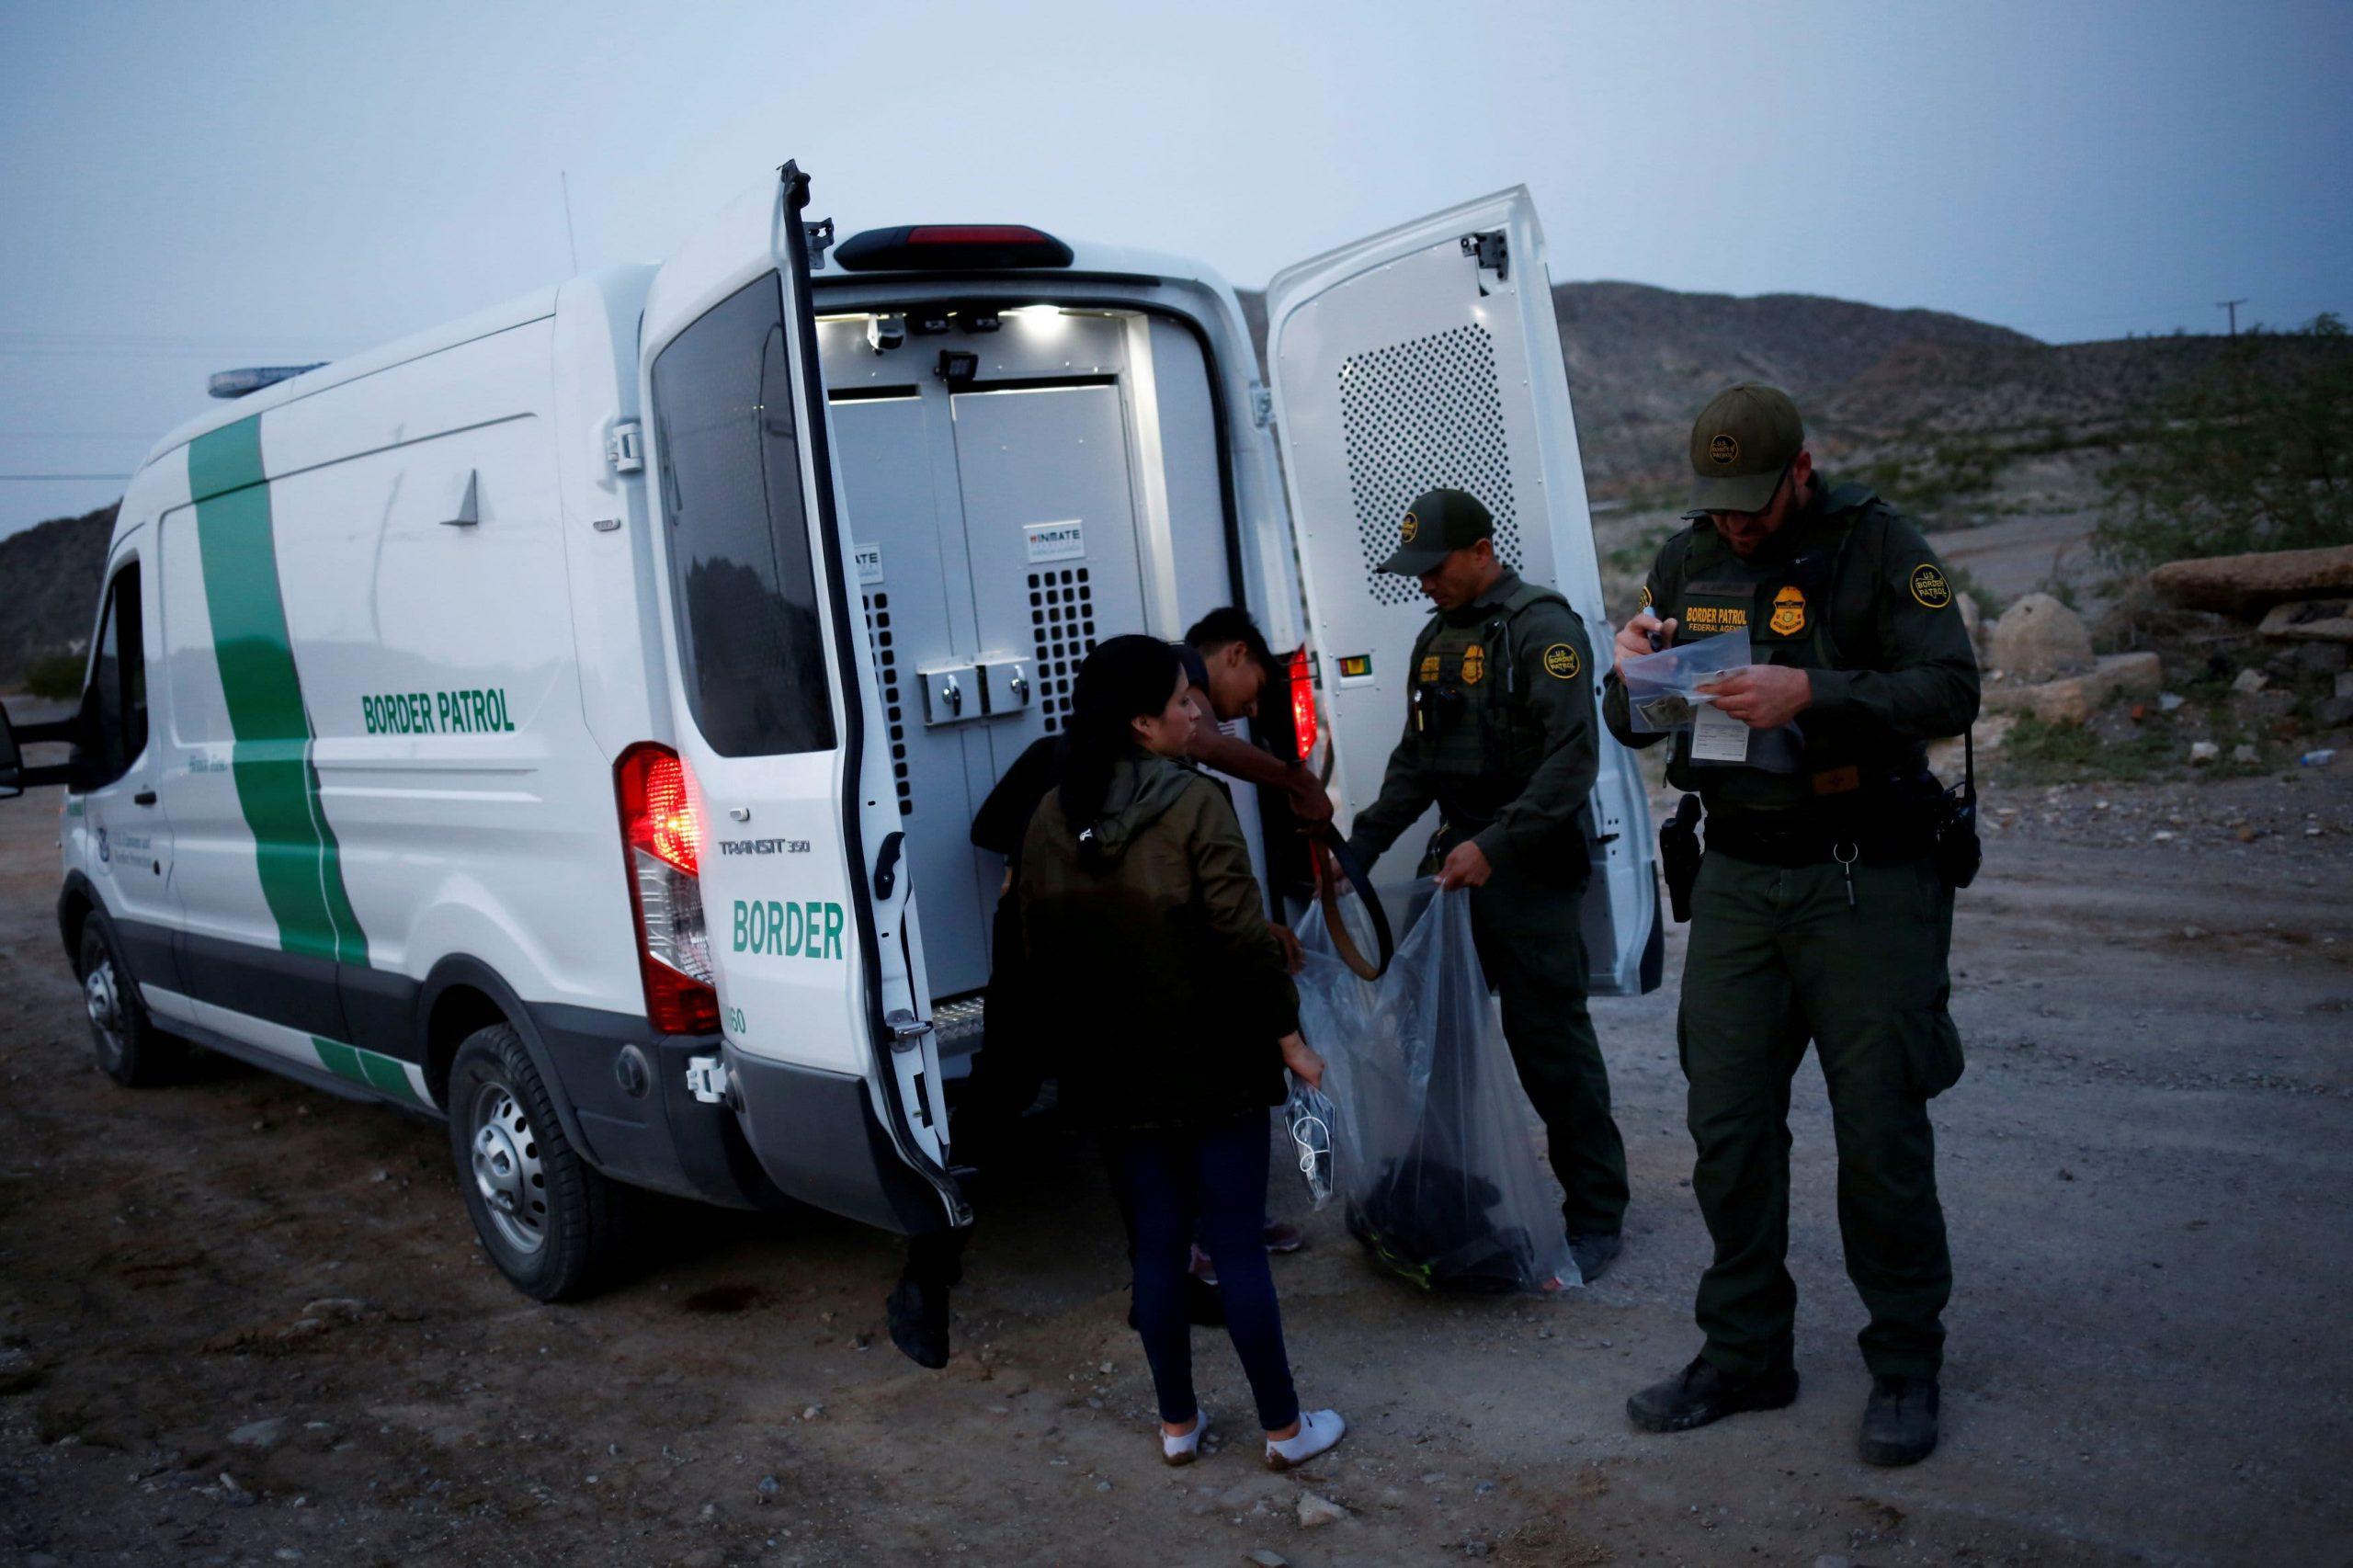 Biden planea acelerar el procesamiento de asilo y las deportaciones en la frontera